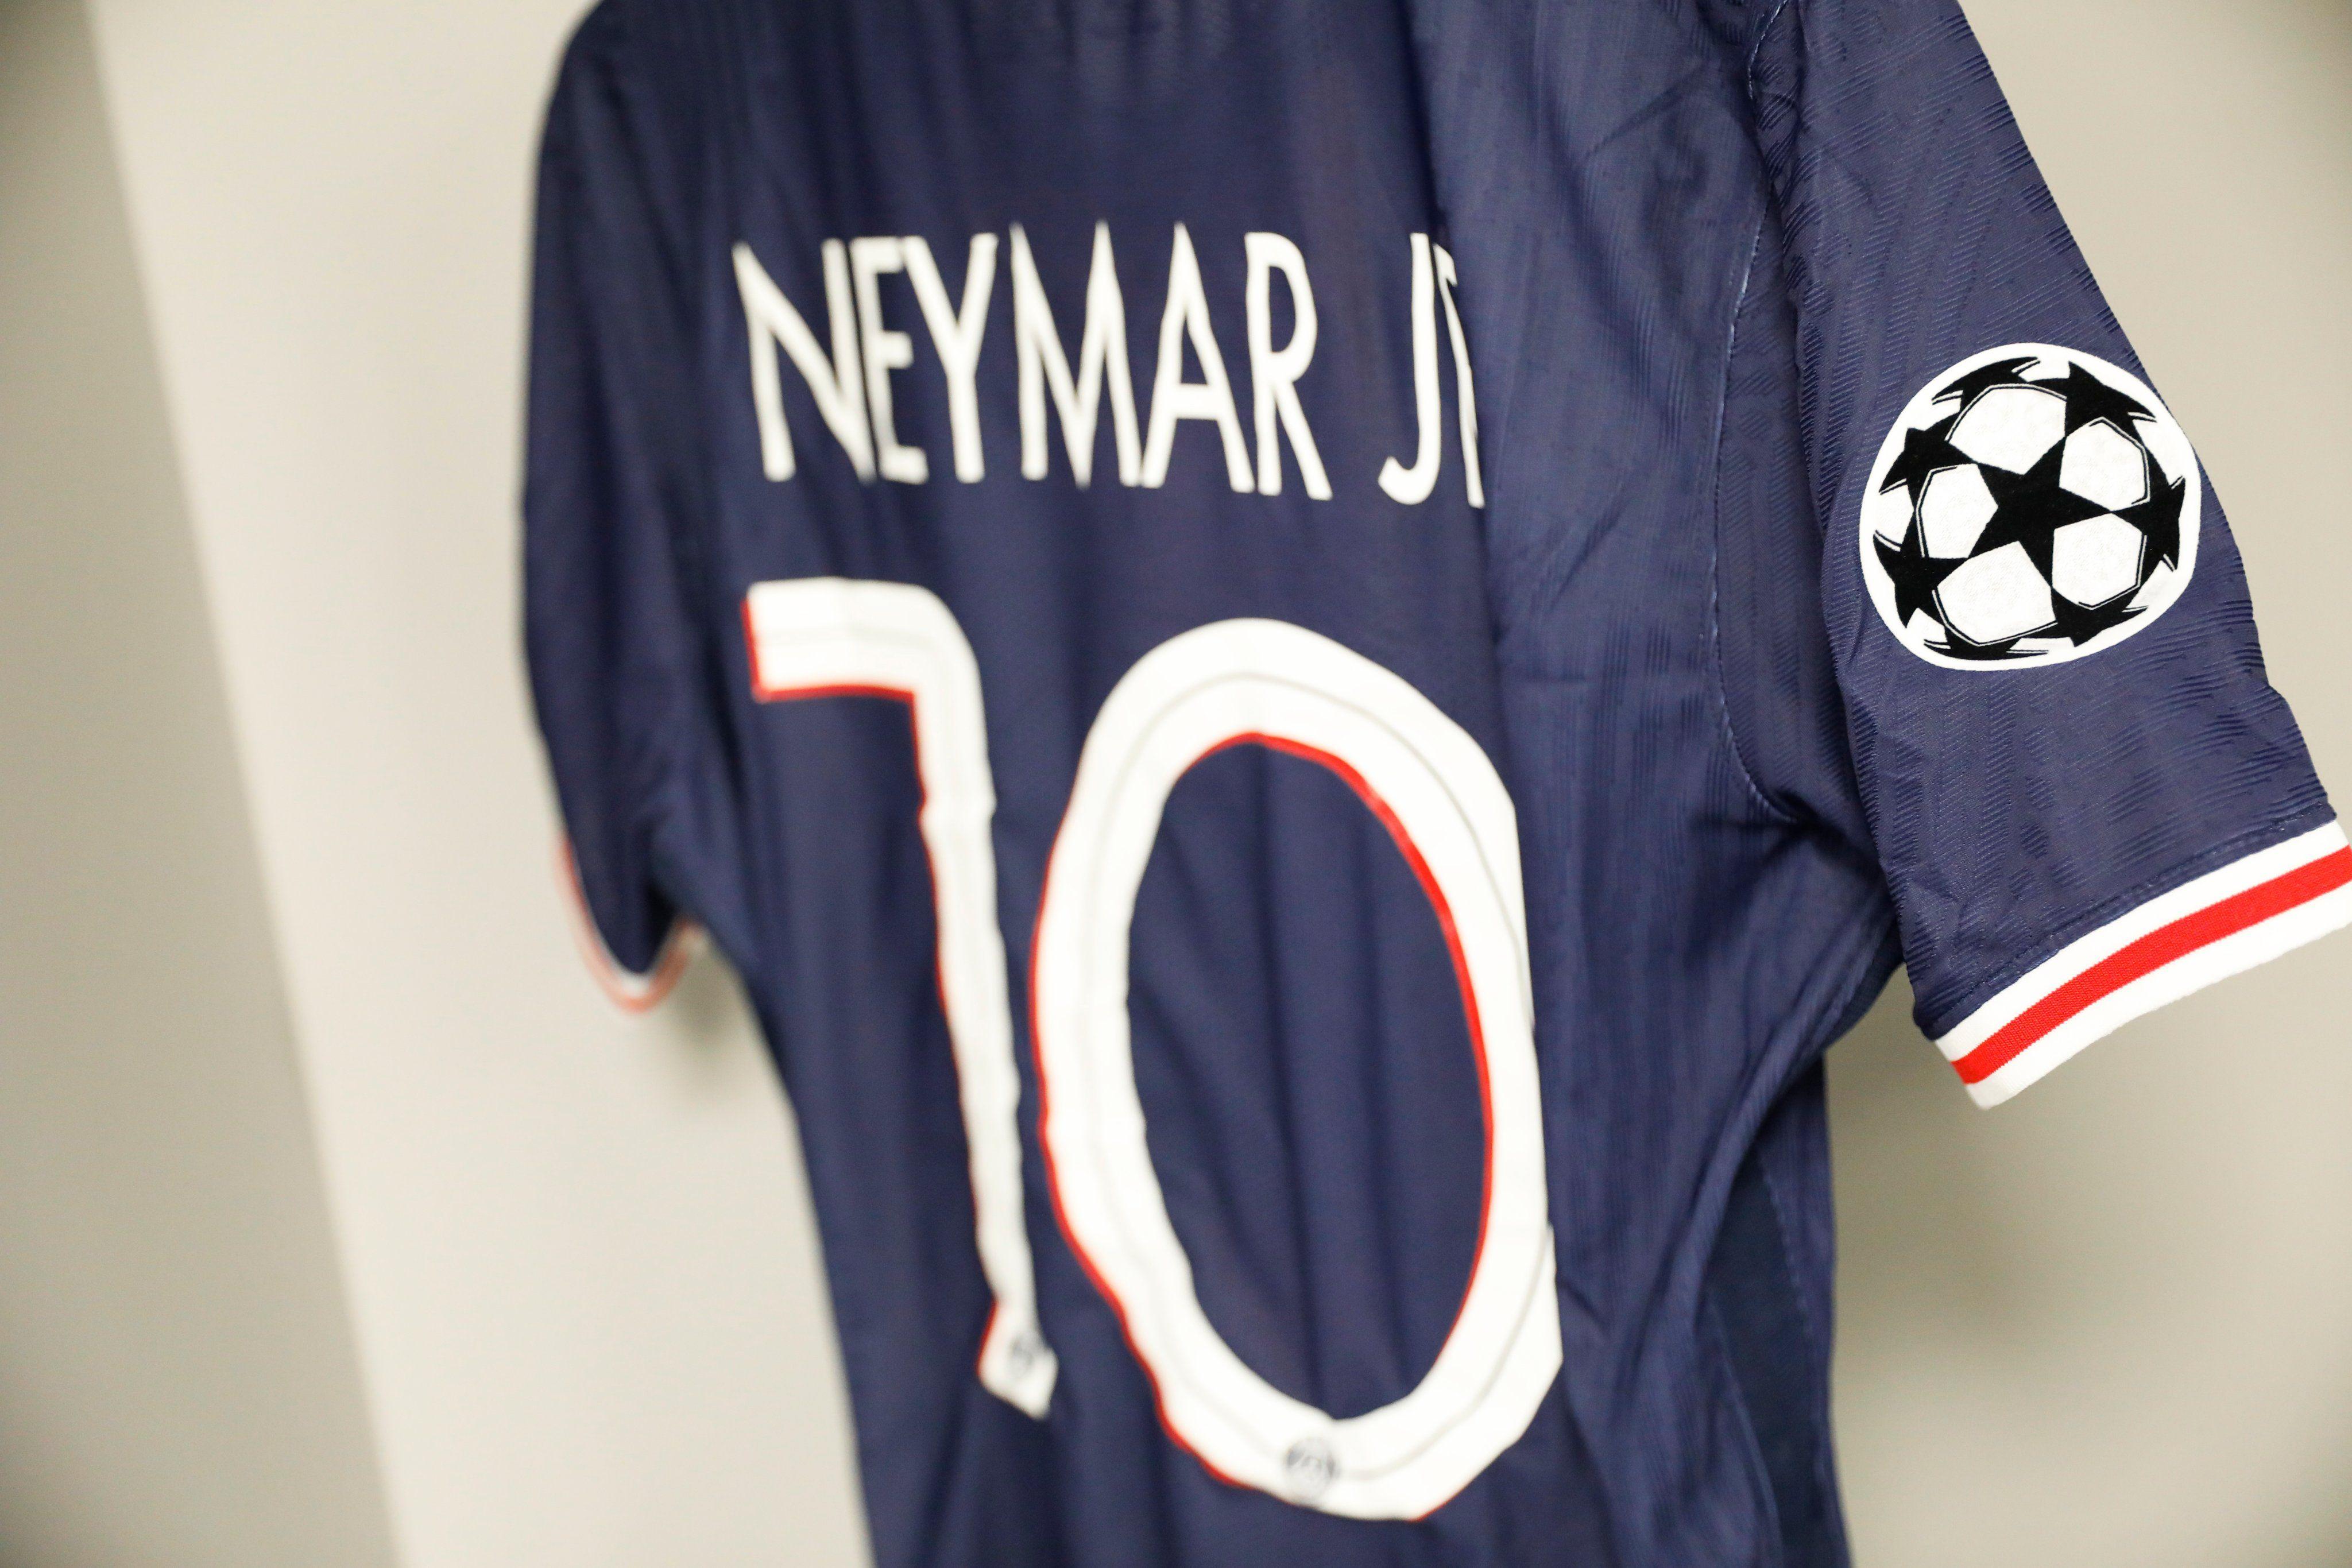 Kaos Neymar psg